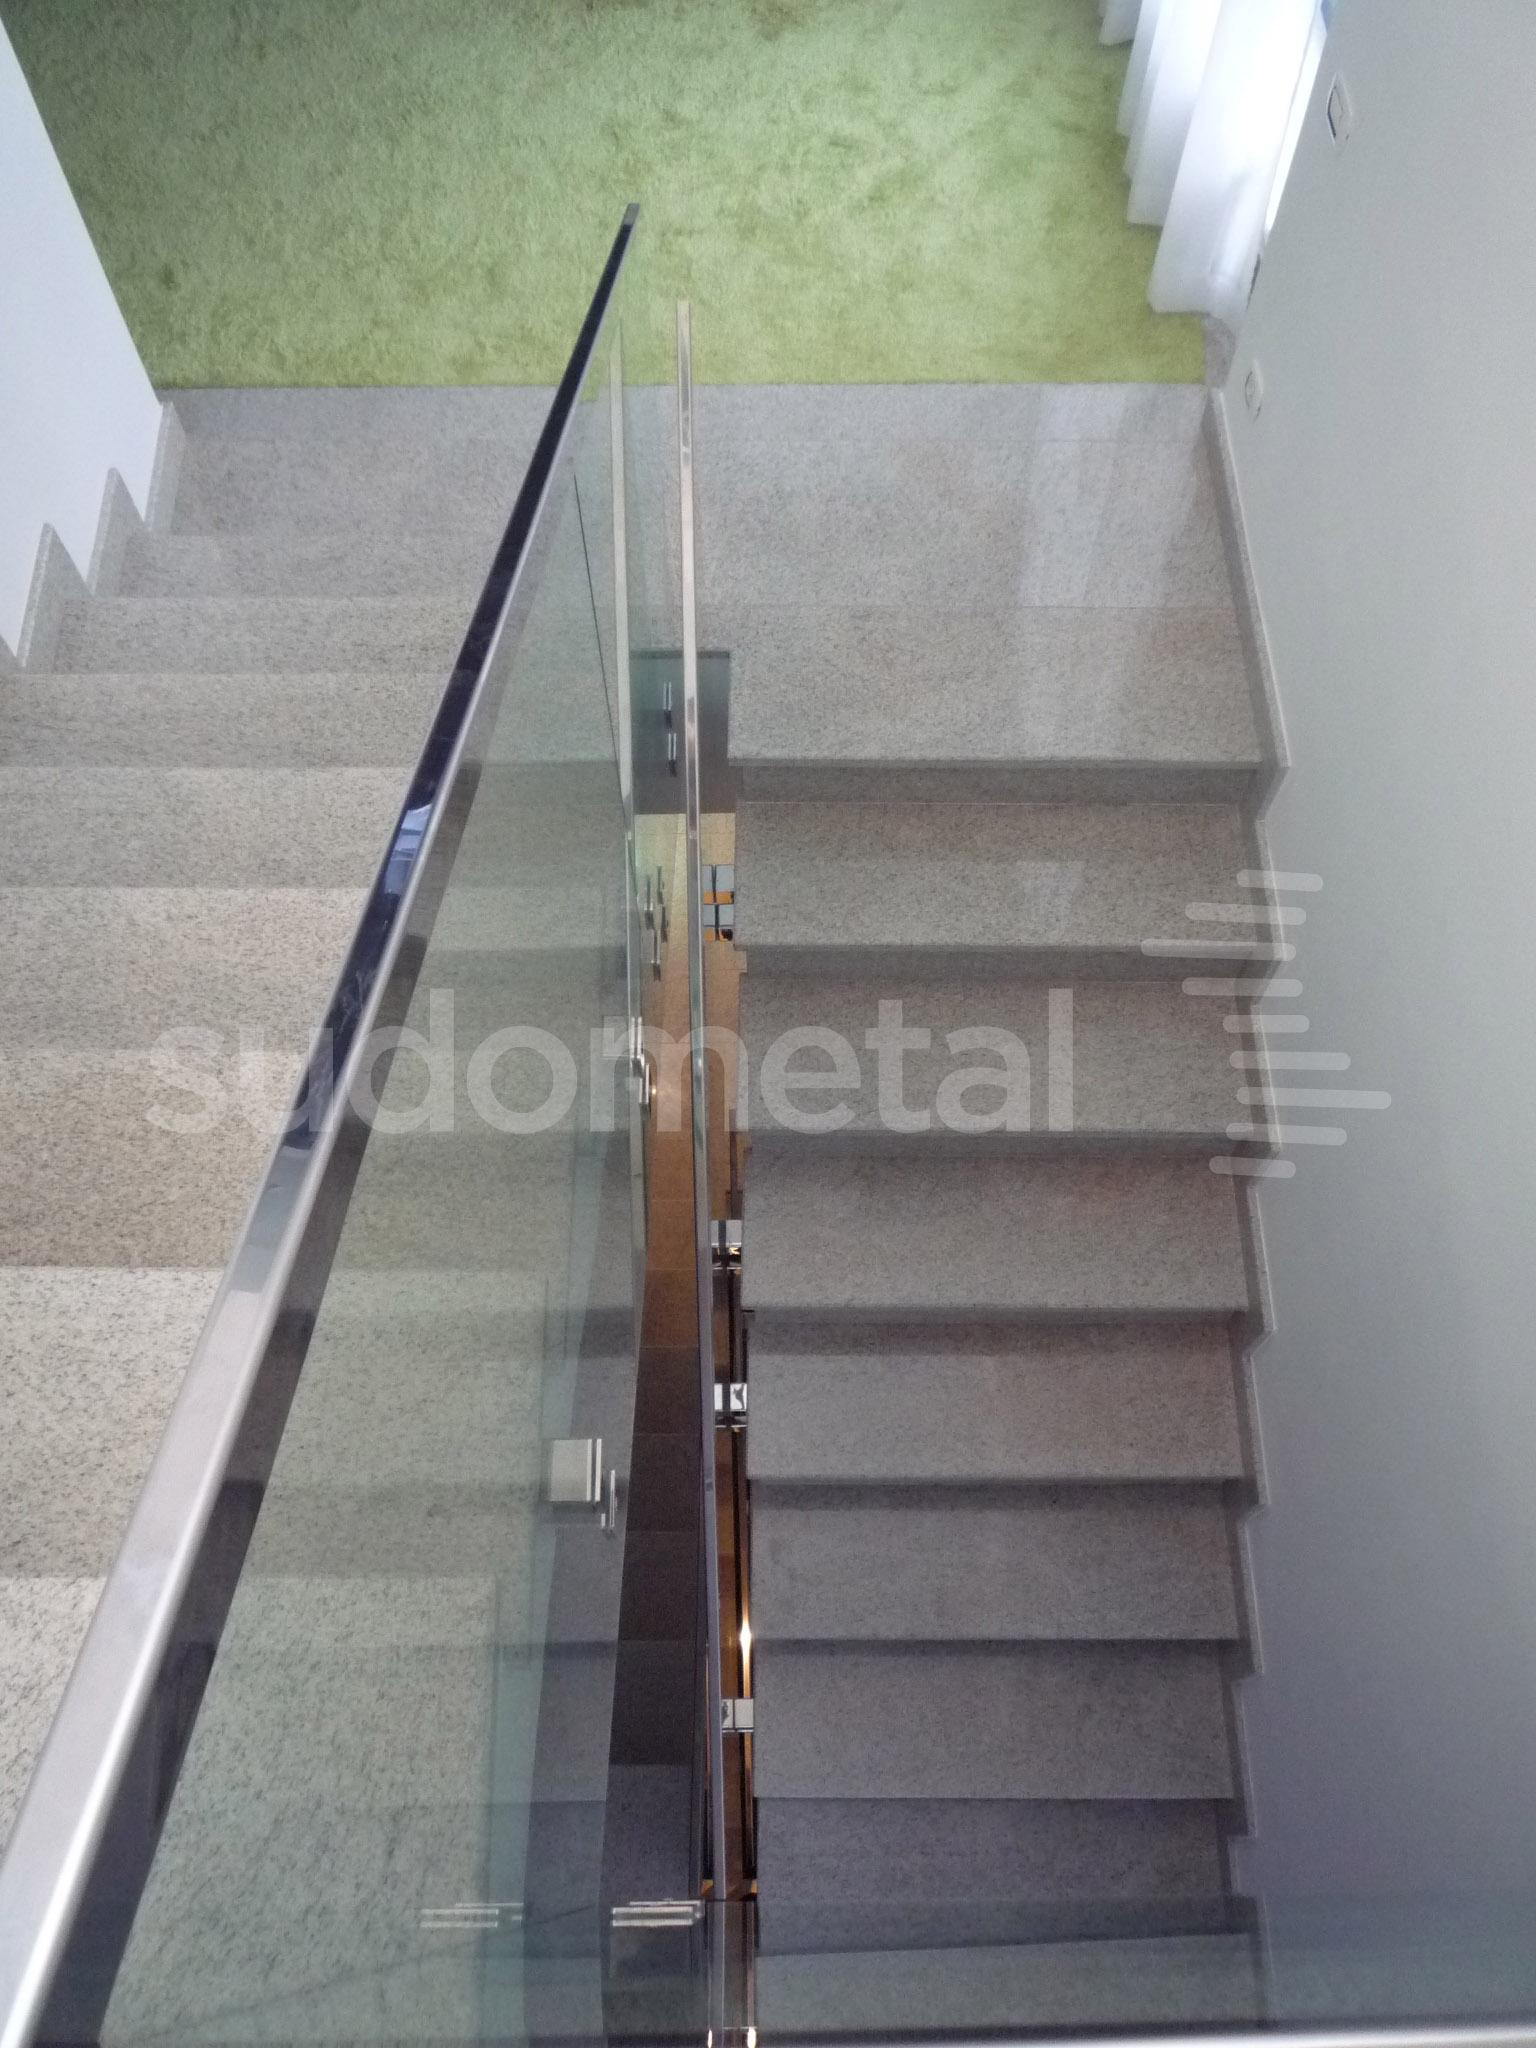 Balustrade din sticla - Balustrada casa particulara Galati SUDOMETAL - Poza 3